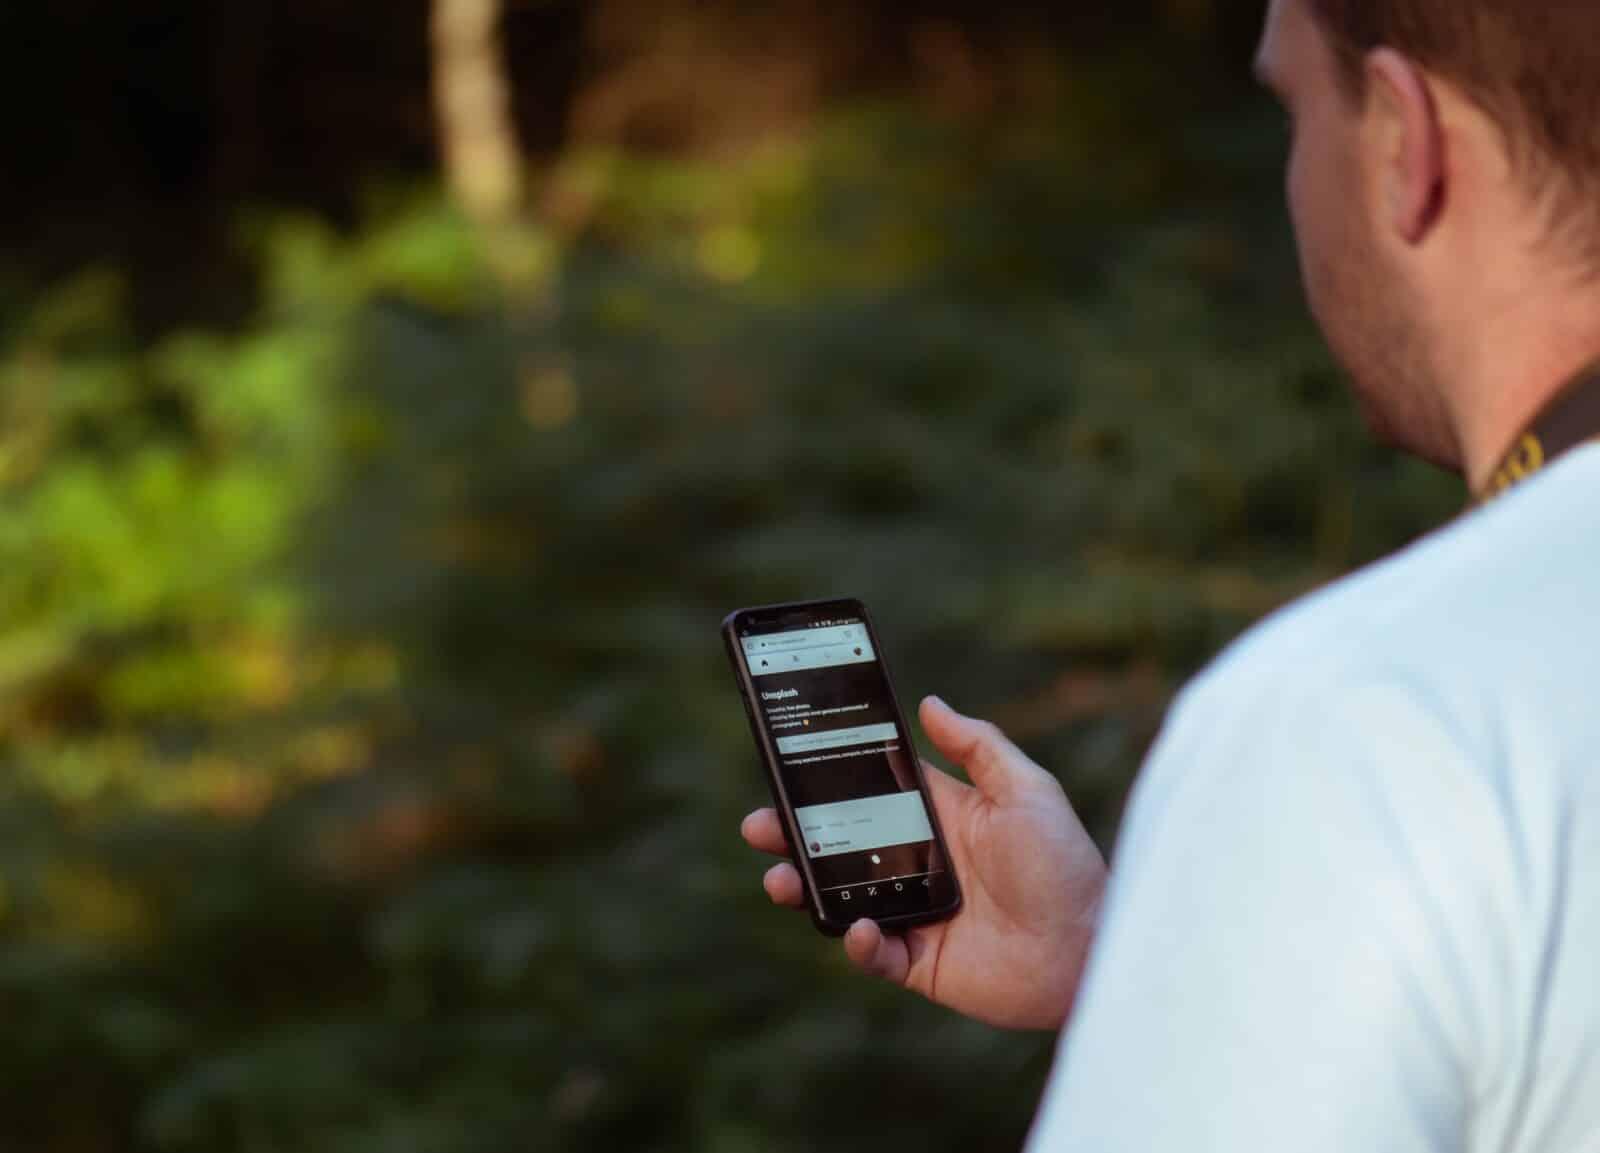 dernier-jour-forfait-mobile-200-go-cdiscount